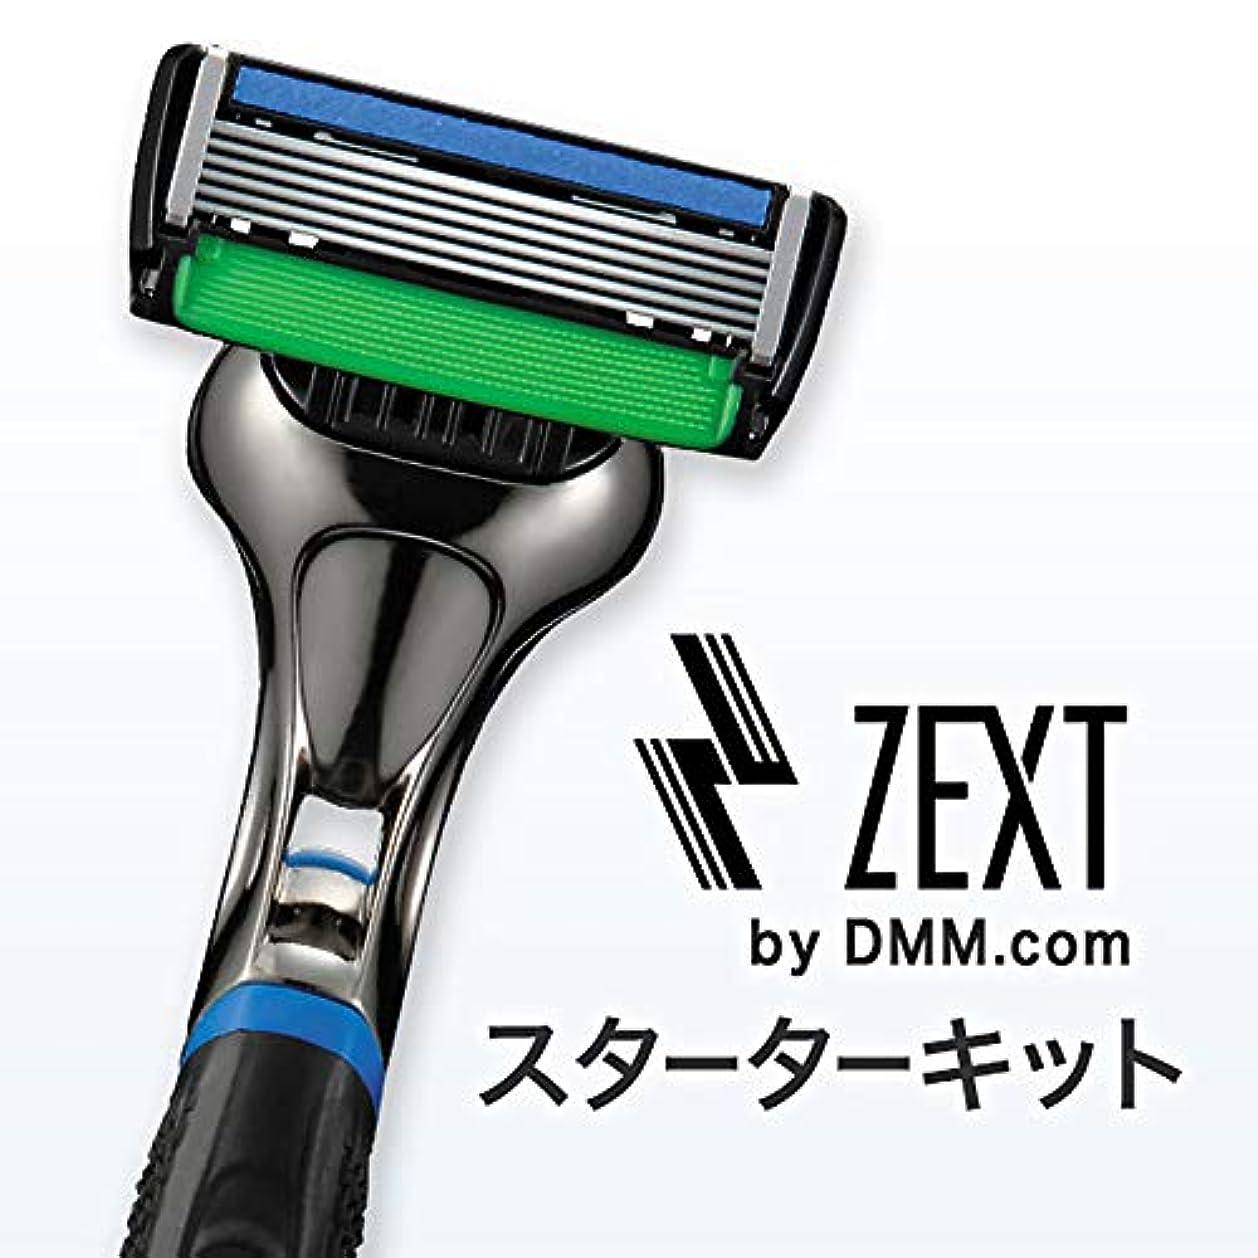 熟達した記念品異常ZEXT 6枚刃カミソリ 本体替刃1個付